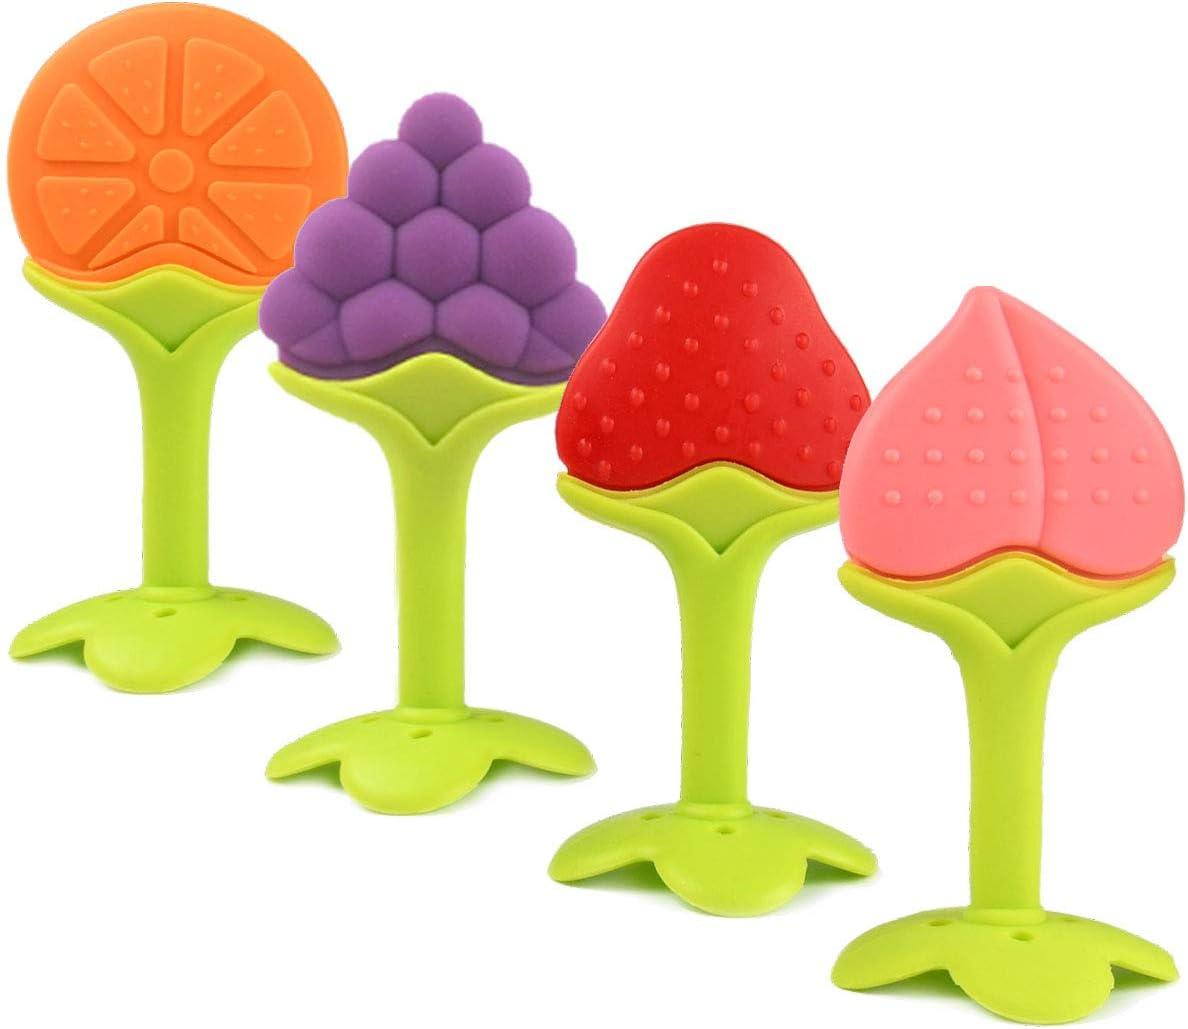 Gresunny 4 piezas Mordedores bebes silicona mordedor de frutas para bebe naturales sin bpa dentición suave dientes molares chupete para bebés niños pequeños